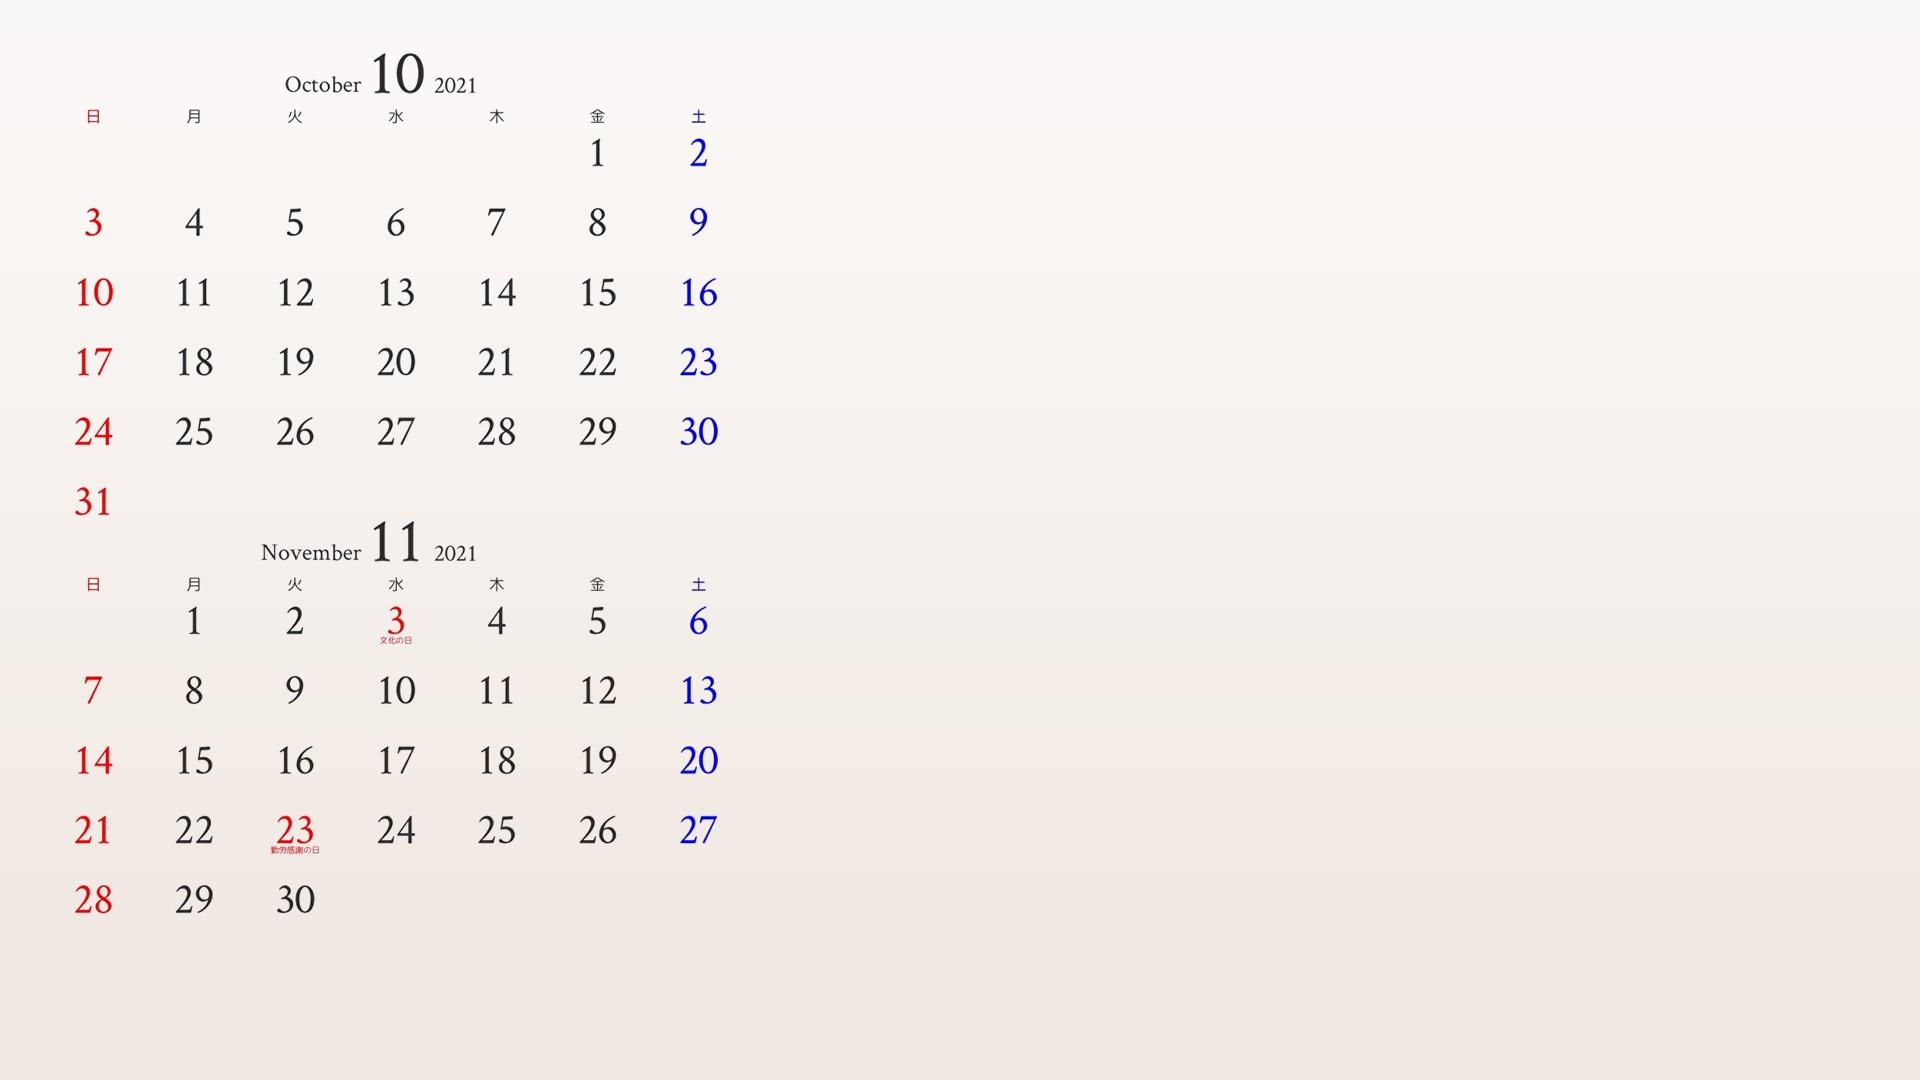 10月と11月カレンダーのカレンダーがついたアイボリーの背景